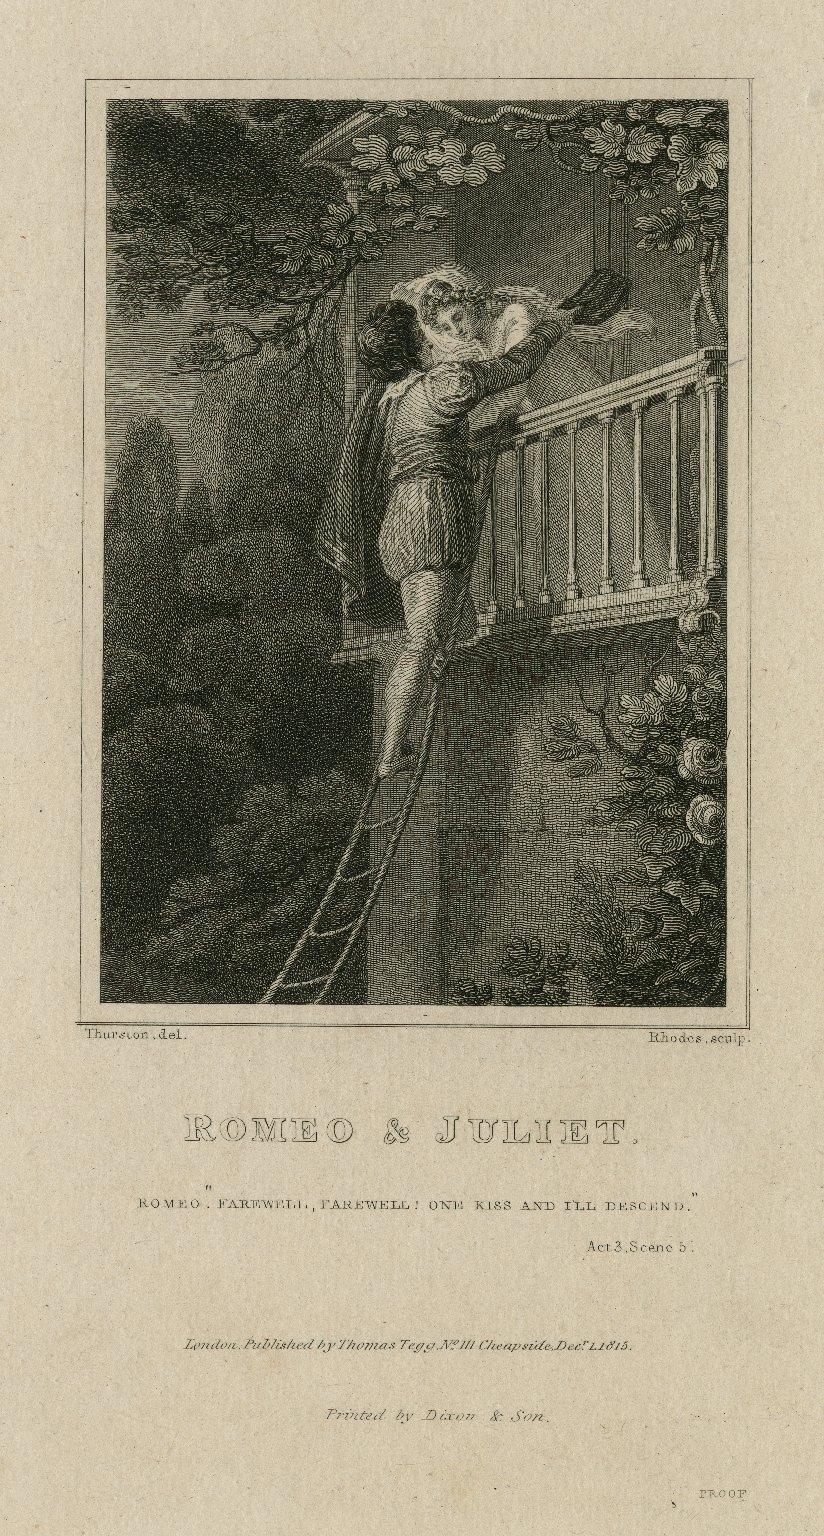 """Romeo and Juliet, Romeo: """"Farewell, ..."""" ; act 3, scene 5 [graphic] / Thurston, del. ; Rhodes sculp."""